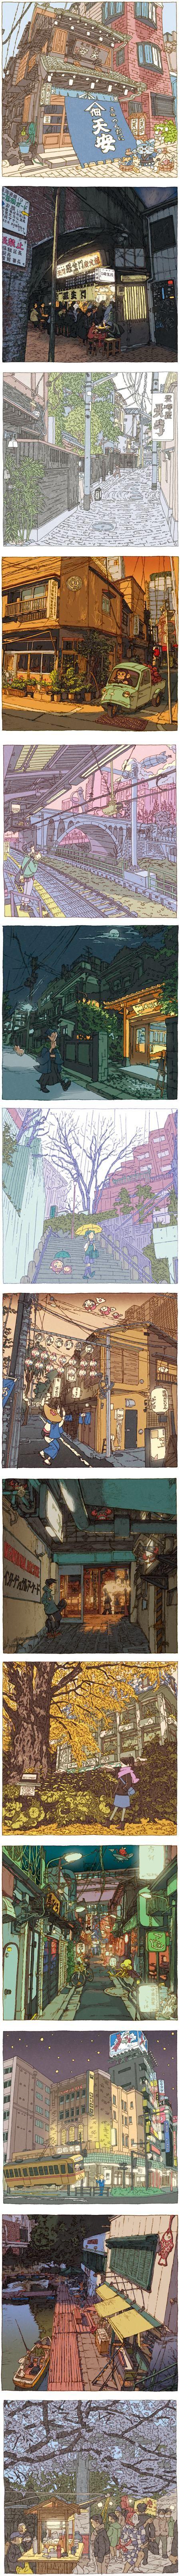 Shinji Tsuchimochi's 100 Views of Tokyo